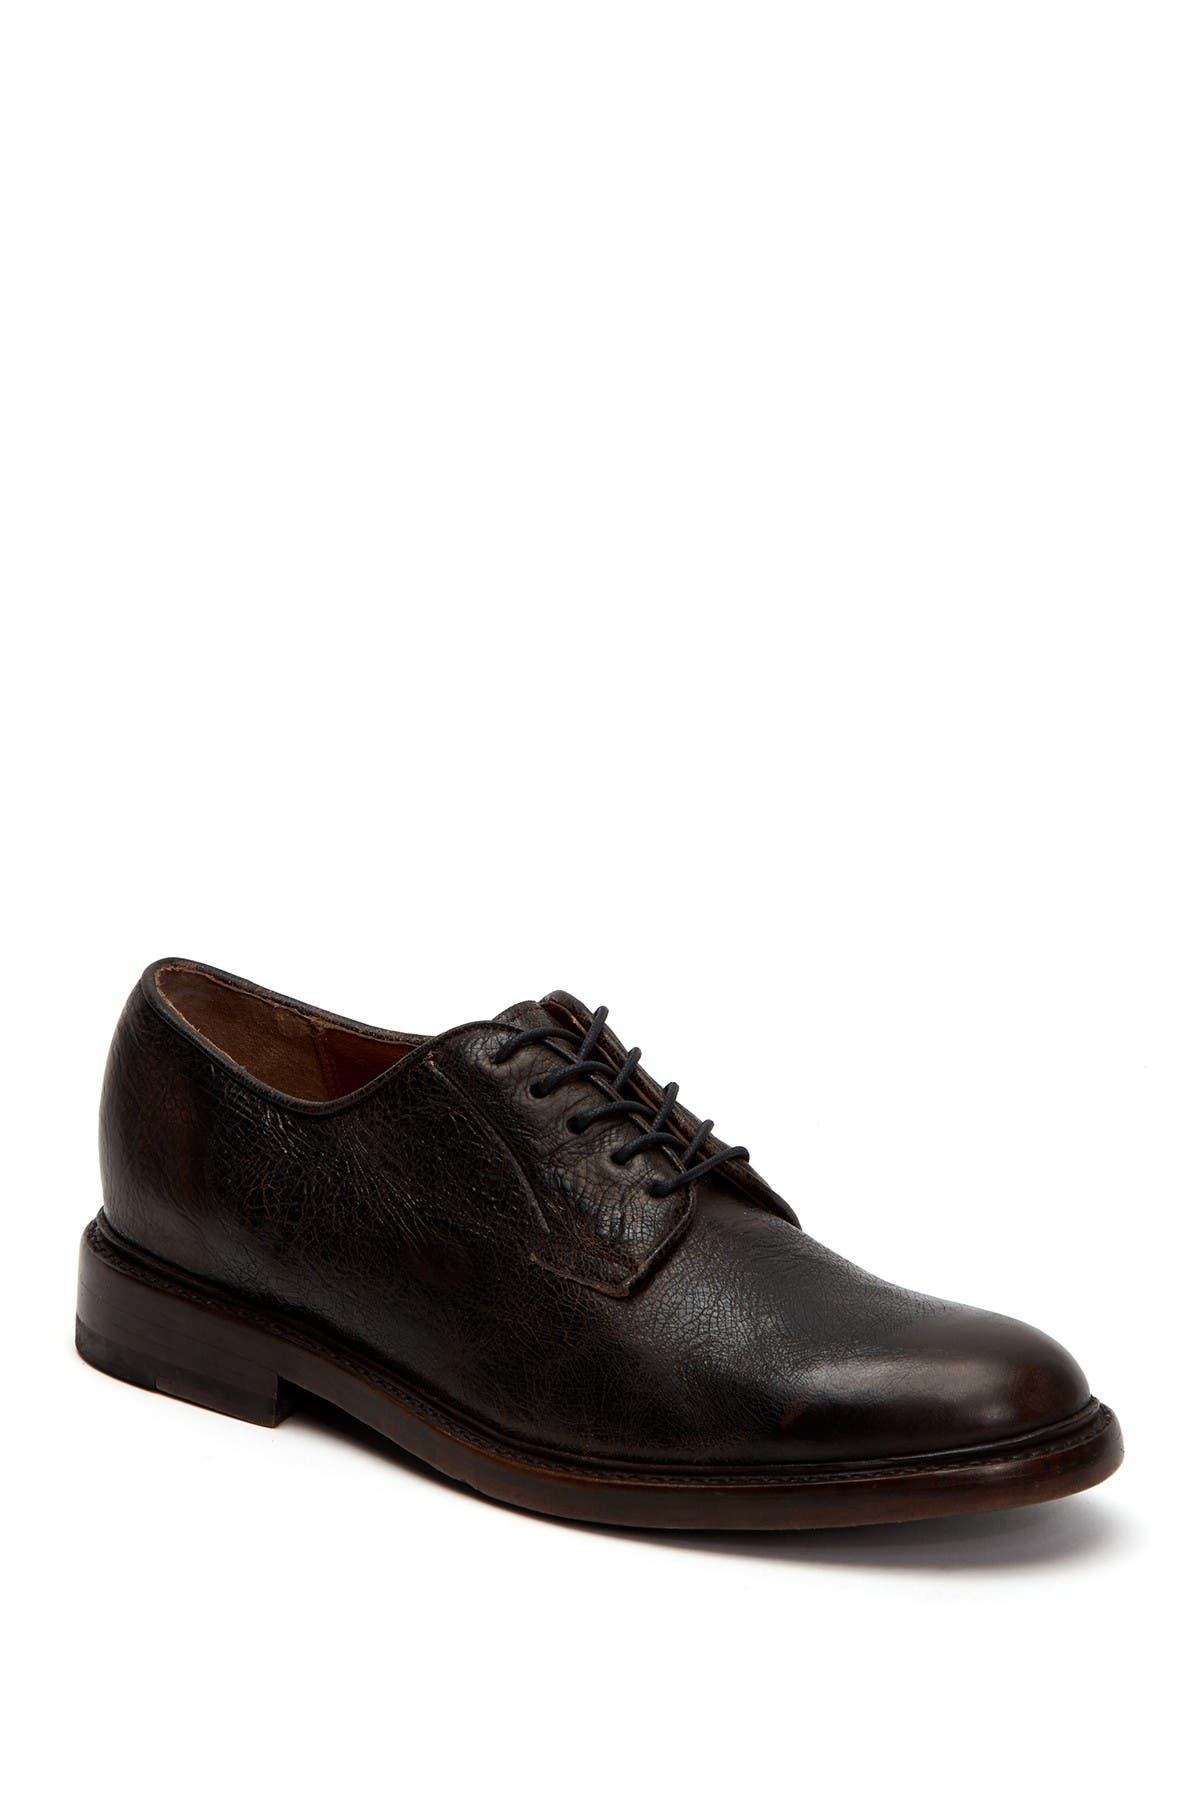 Frye | Jones Plain Toe Oxford | HauteLook